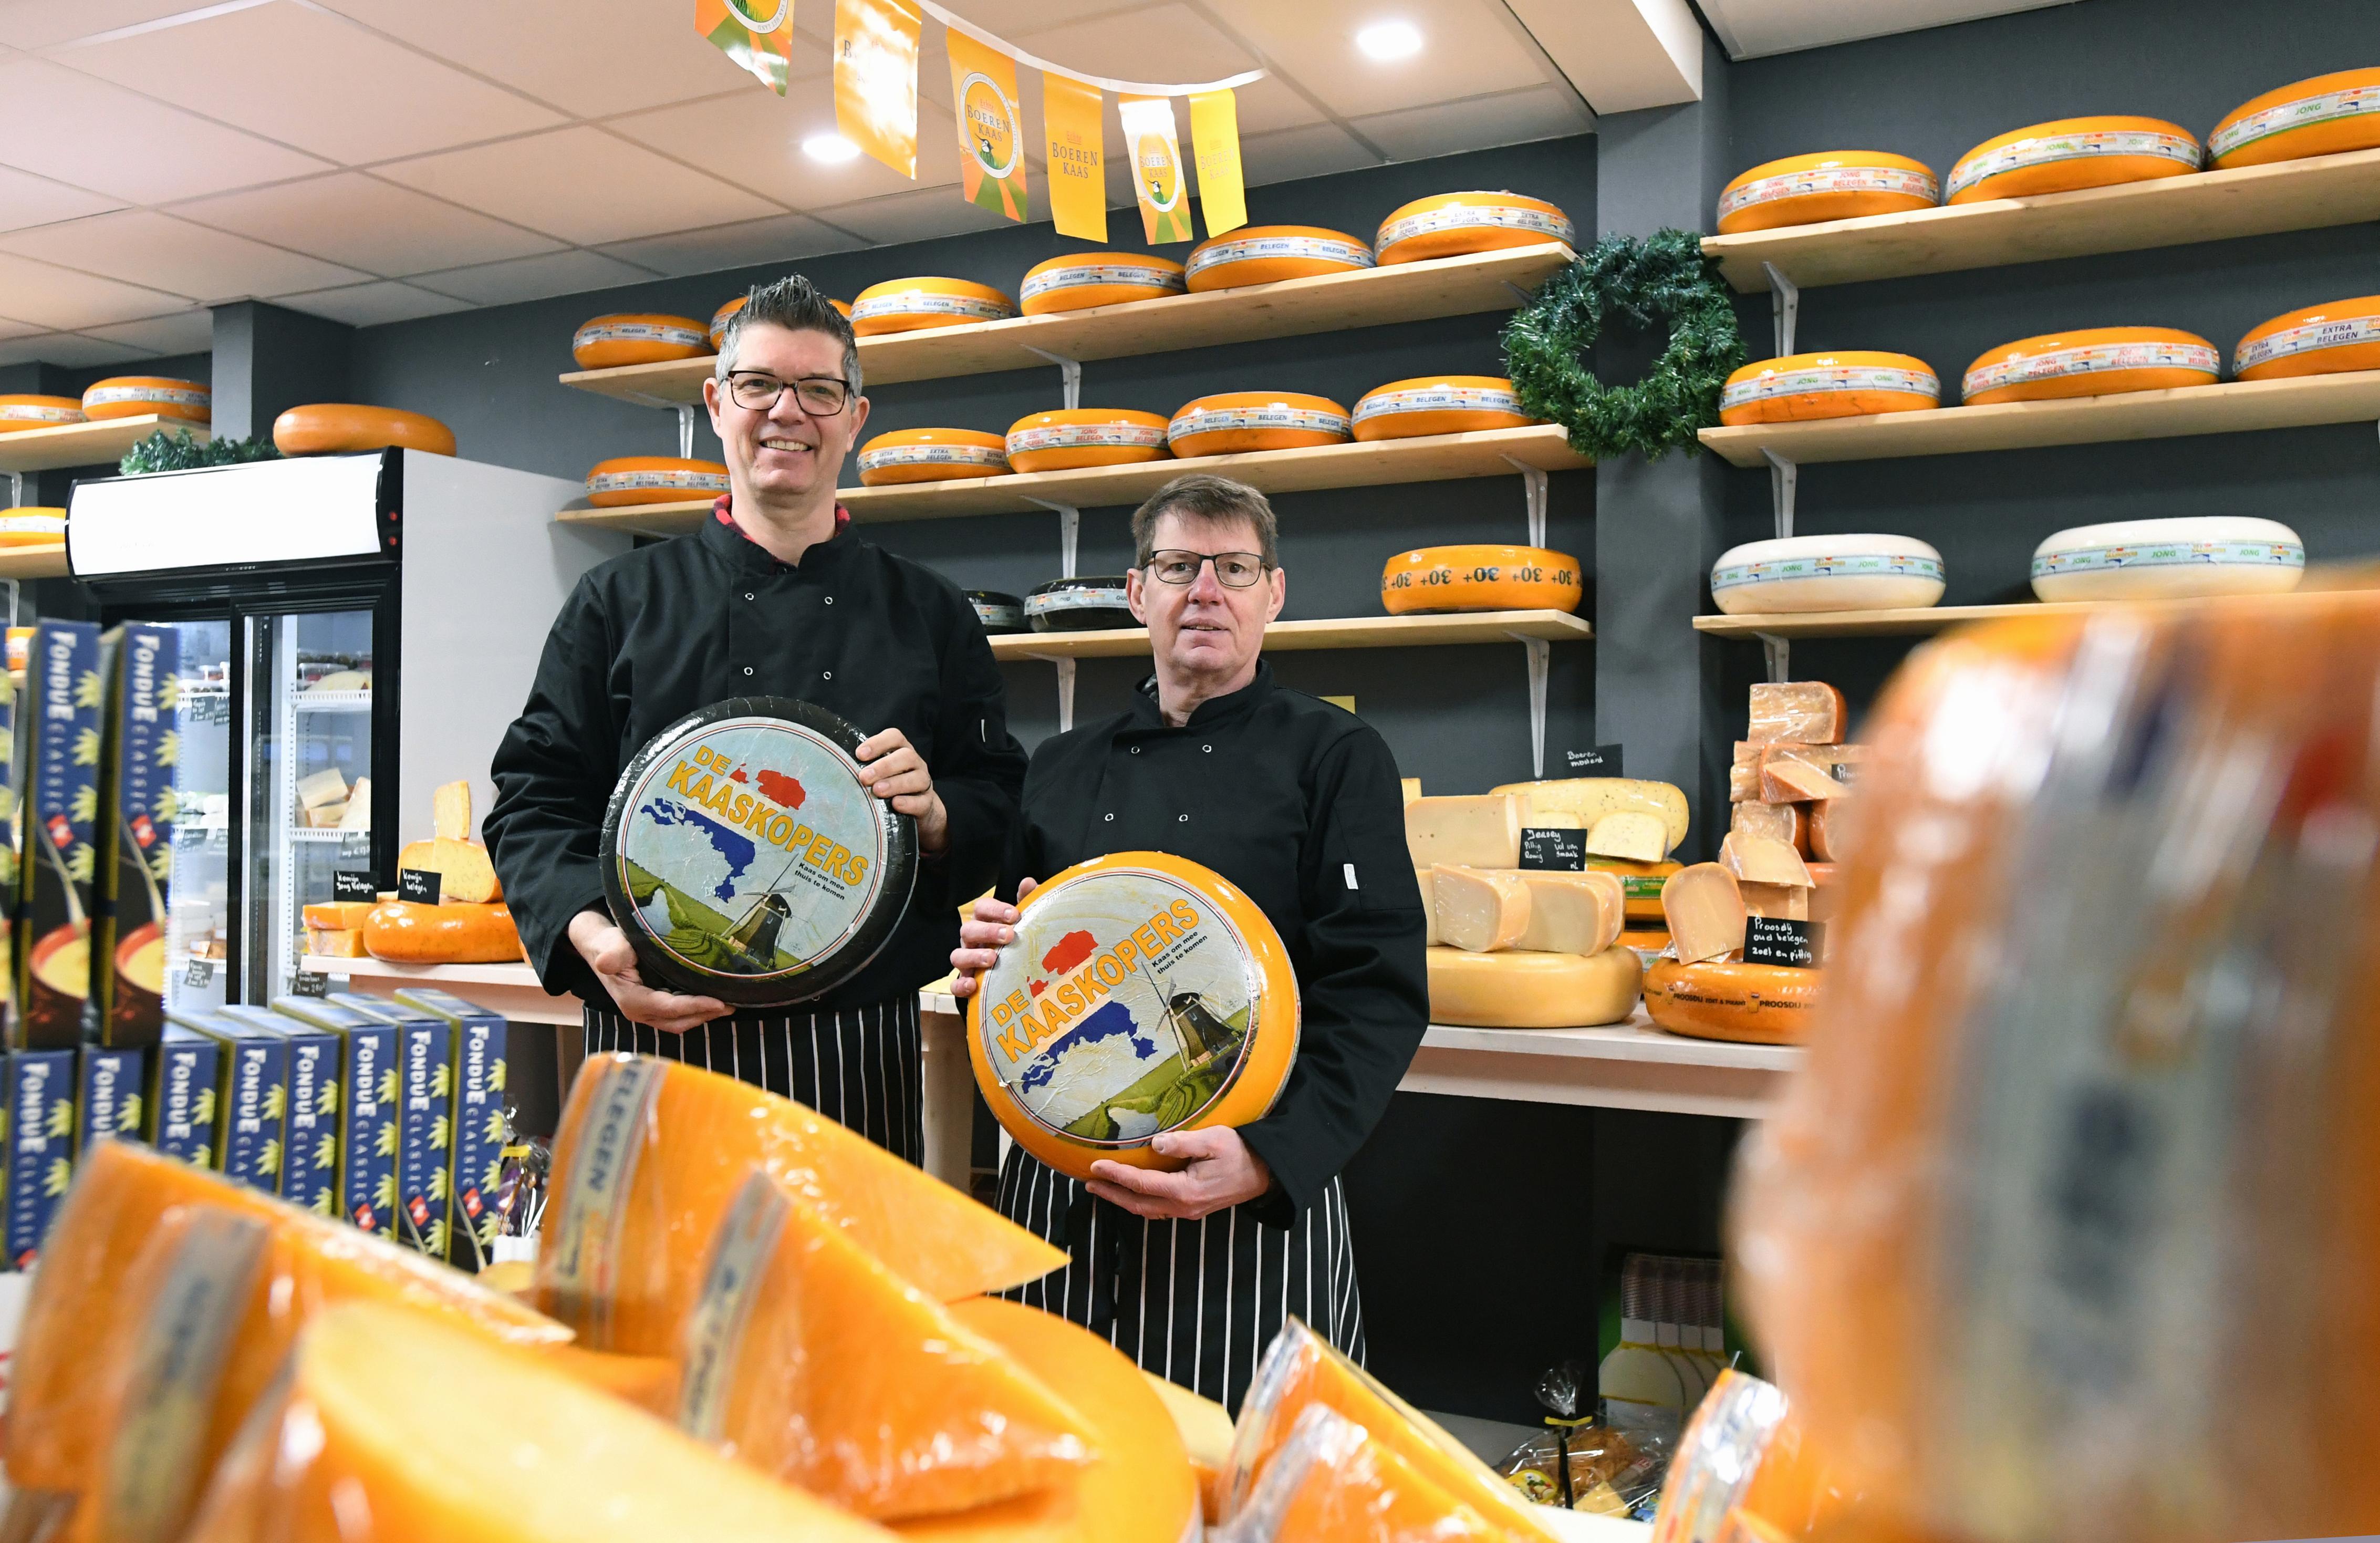 Lekkere kaas, die ook gewoon betaalbaar is. Je haalt het bij De Kaasboet. Maar niet op maandag en dinsdag, want dat zijn geen kaasdagen